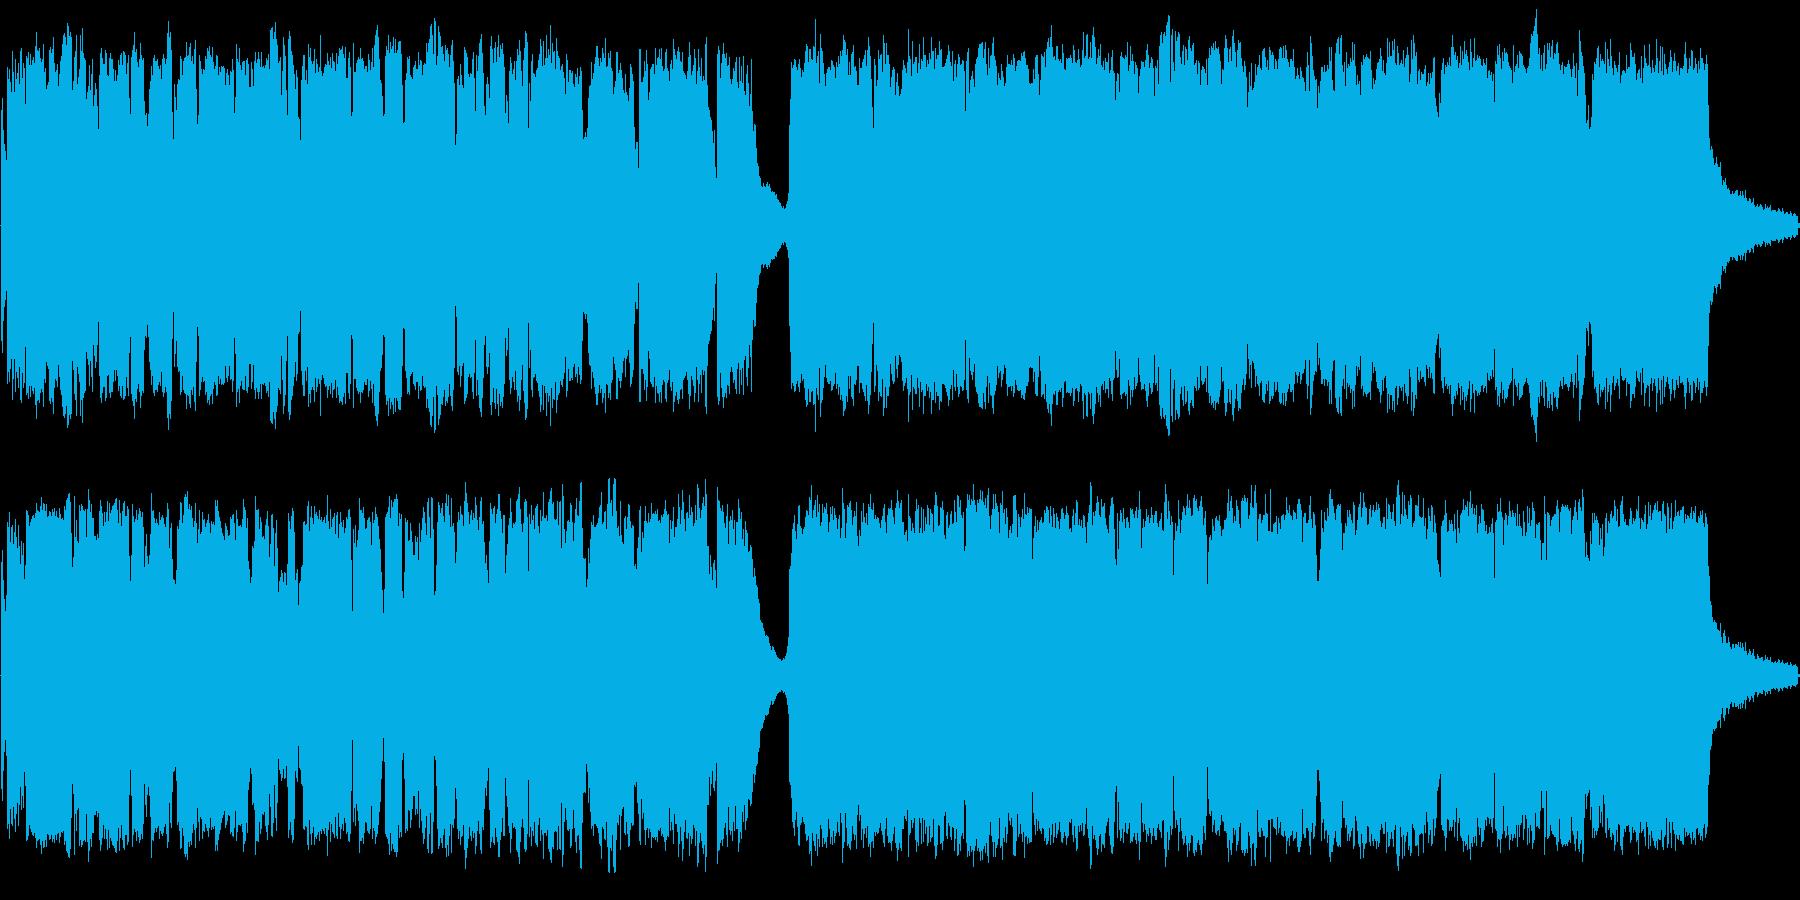 和風で格式高いBGMの再生済みの波形